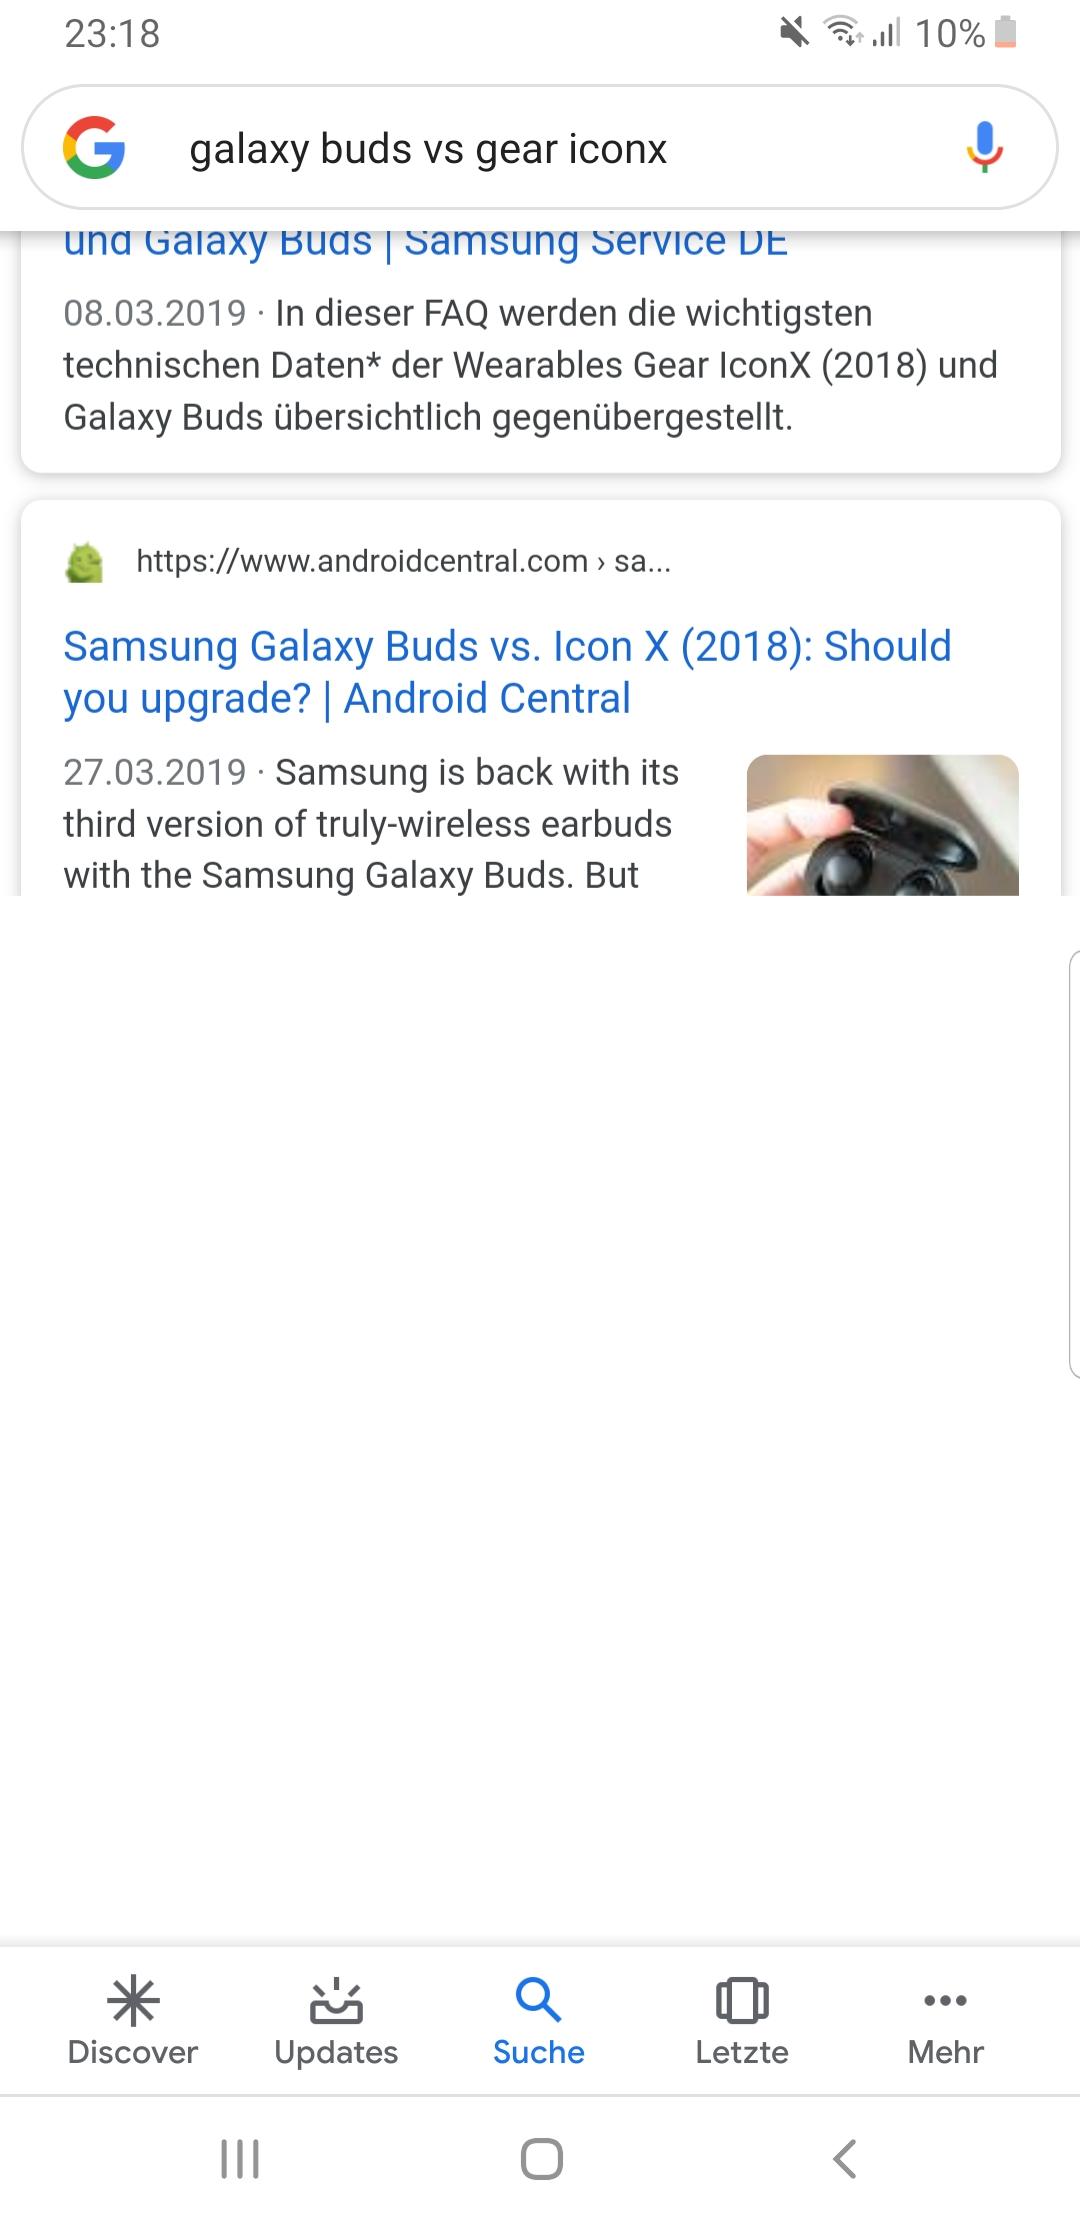 suchergebnisse können nicht geladen werden android